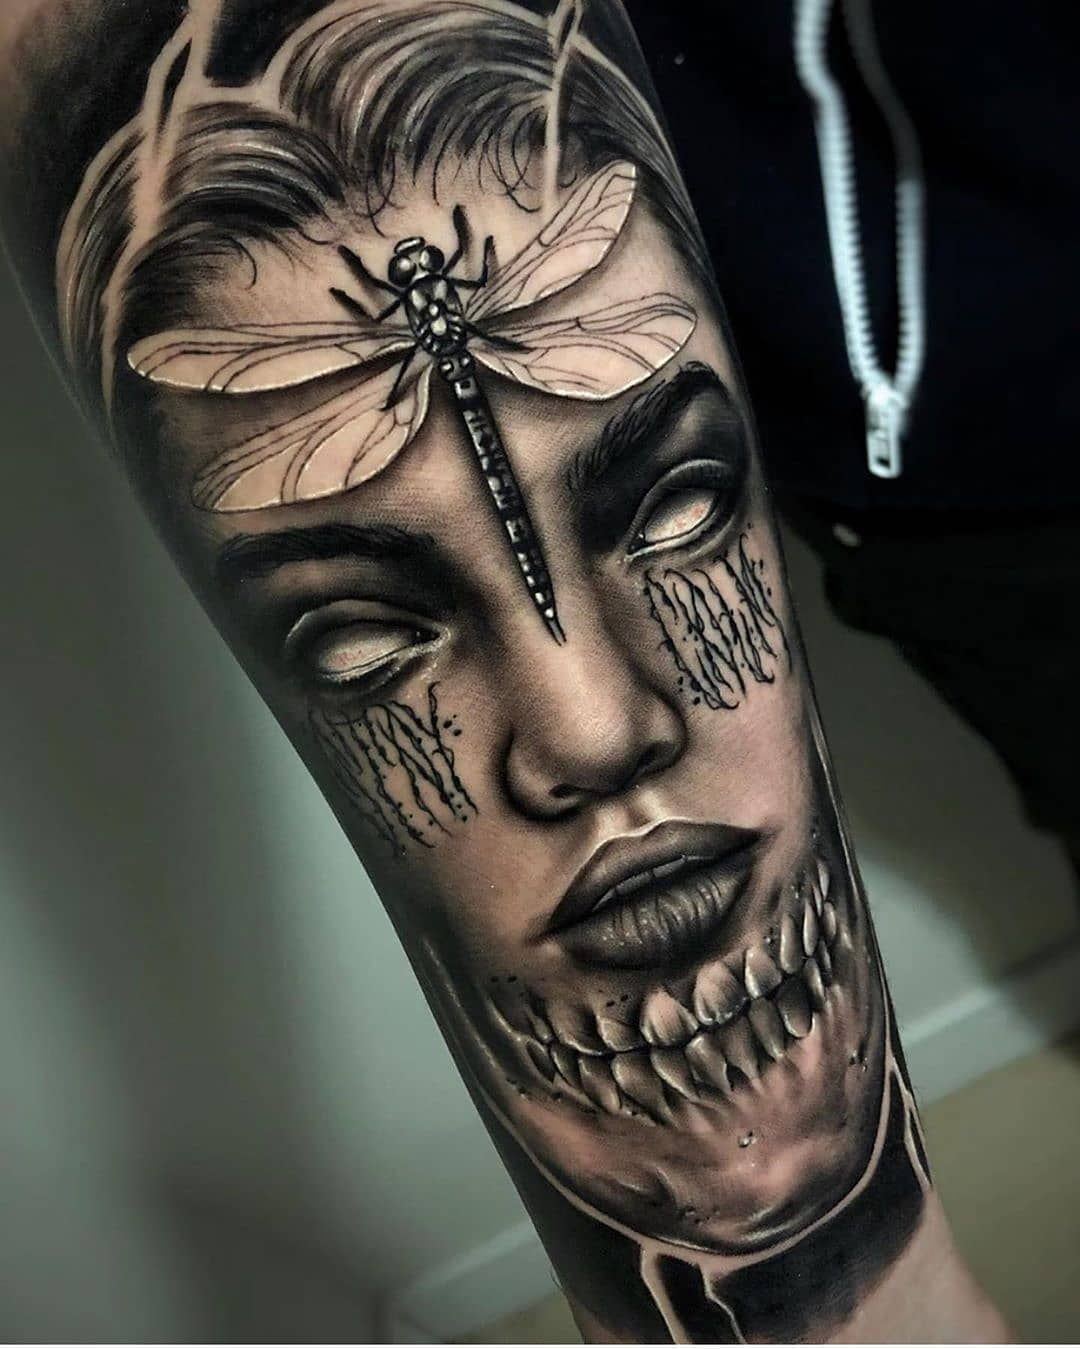 Name this tattoo?  Follow ⚜️ @tattoo.done for more amazing tattoos.  ____________________________________________________  Amazing work - Artist 👉⚜️Instagram  @stonedemerson #tattoo #tattoomodel #tattoosp #tattoostyle #tattooer #tattoodo #tattooing #ink #realismtattoo #realisticdrawing #realismotattoo #tattooist #tattooartist  #tatuagem #tatuagembrasil #tattoos #tatuagemrealista #tatuape #penha  #tattooistartmag  #tattooig  #realtattoos #tattooideas #tattooink  #inkedtattoo  #girltattoo #inkedm